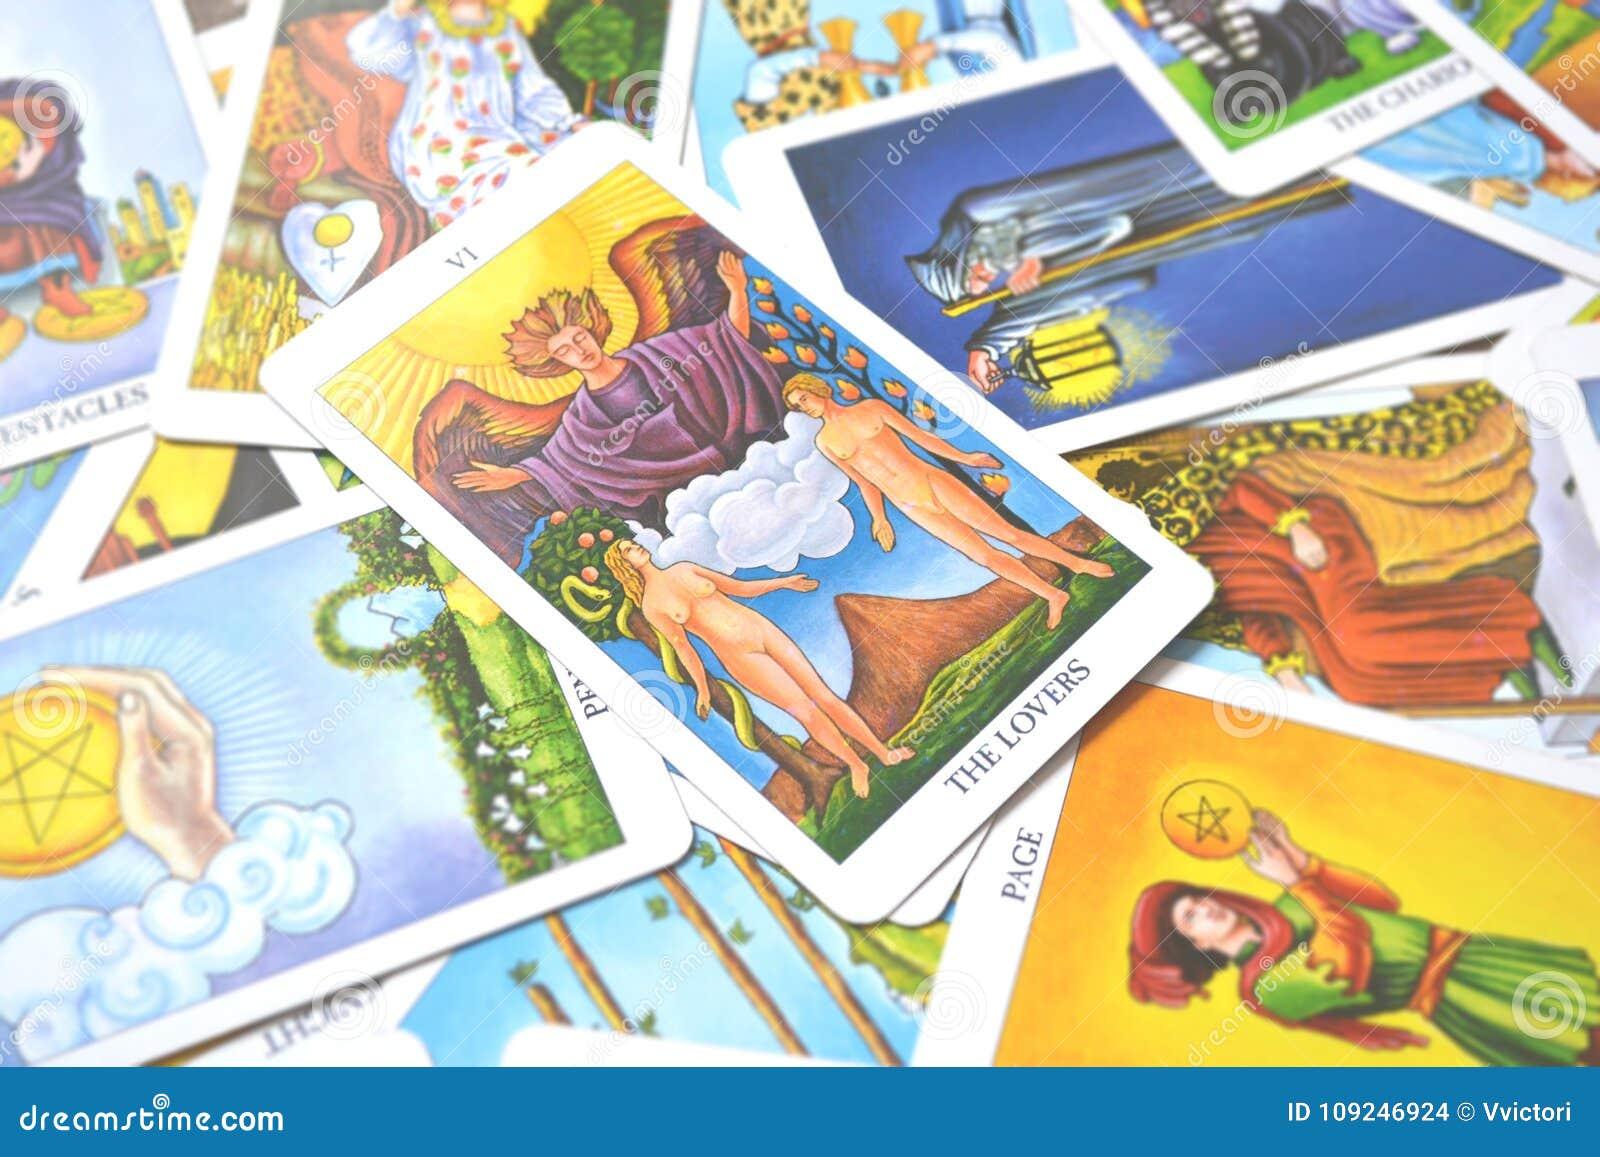 恋人占卜用的纸牌爱选择合作喜爱